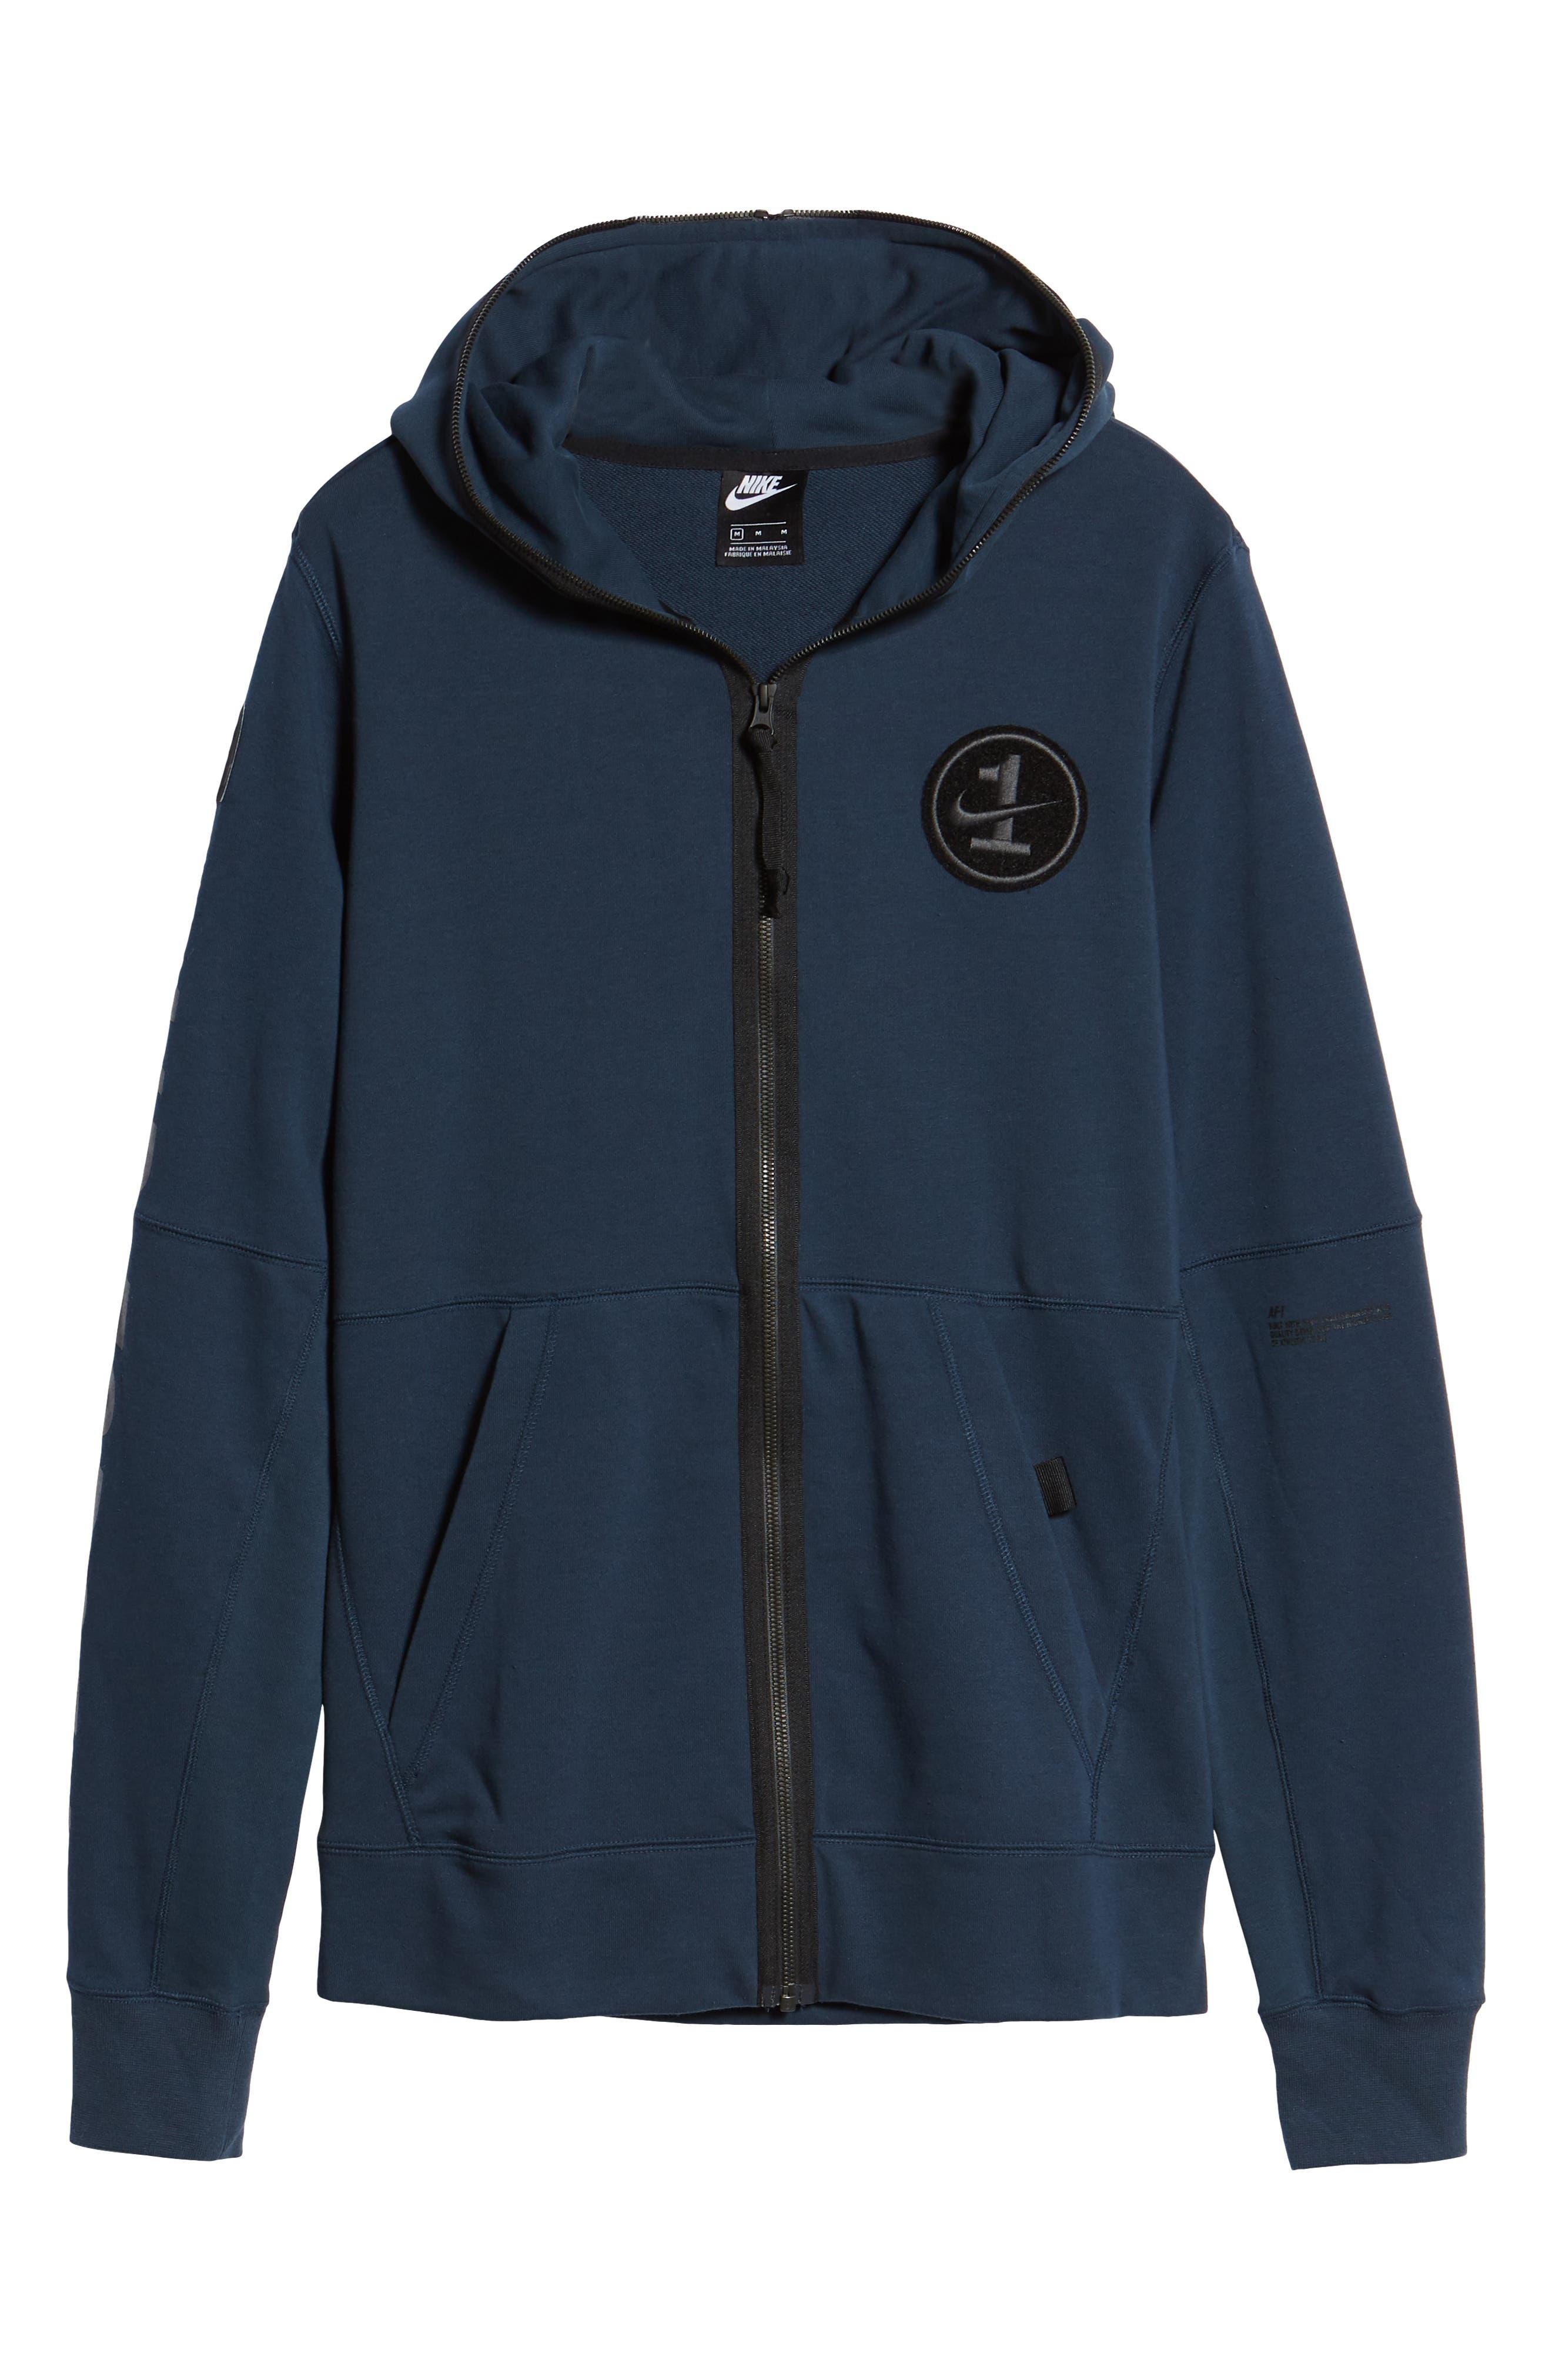 NIKE, Air Force One Zip Hoodie Jacket, Alternate thumbnail 7, color, ARMORY NAVY/ BLACK